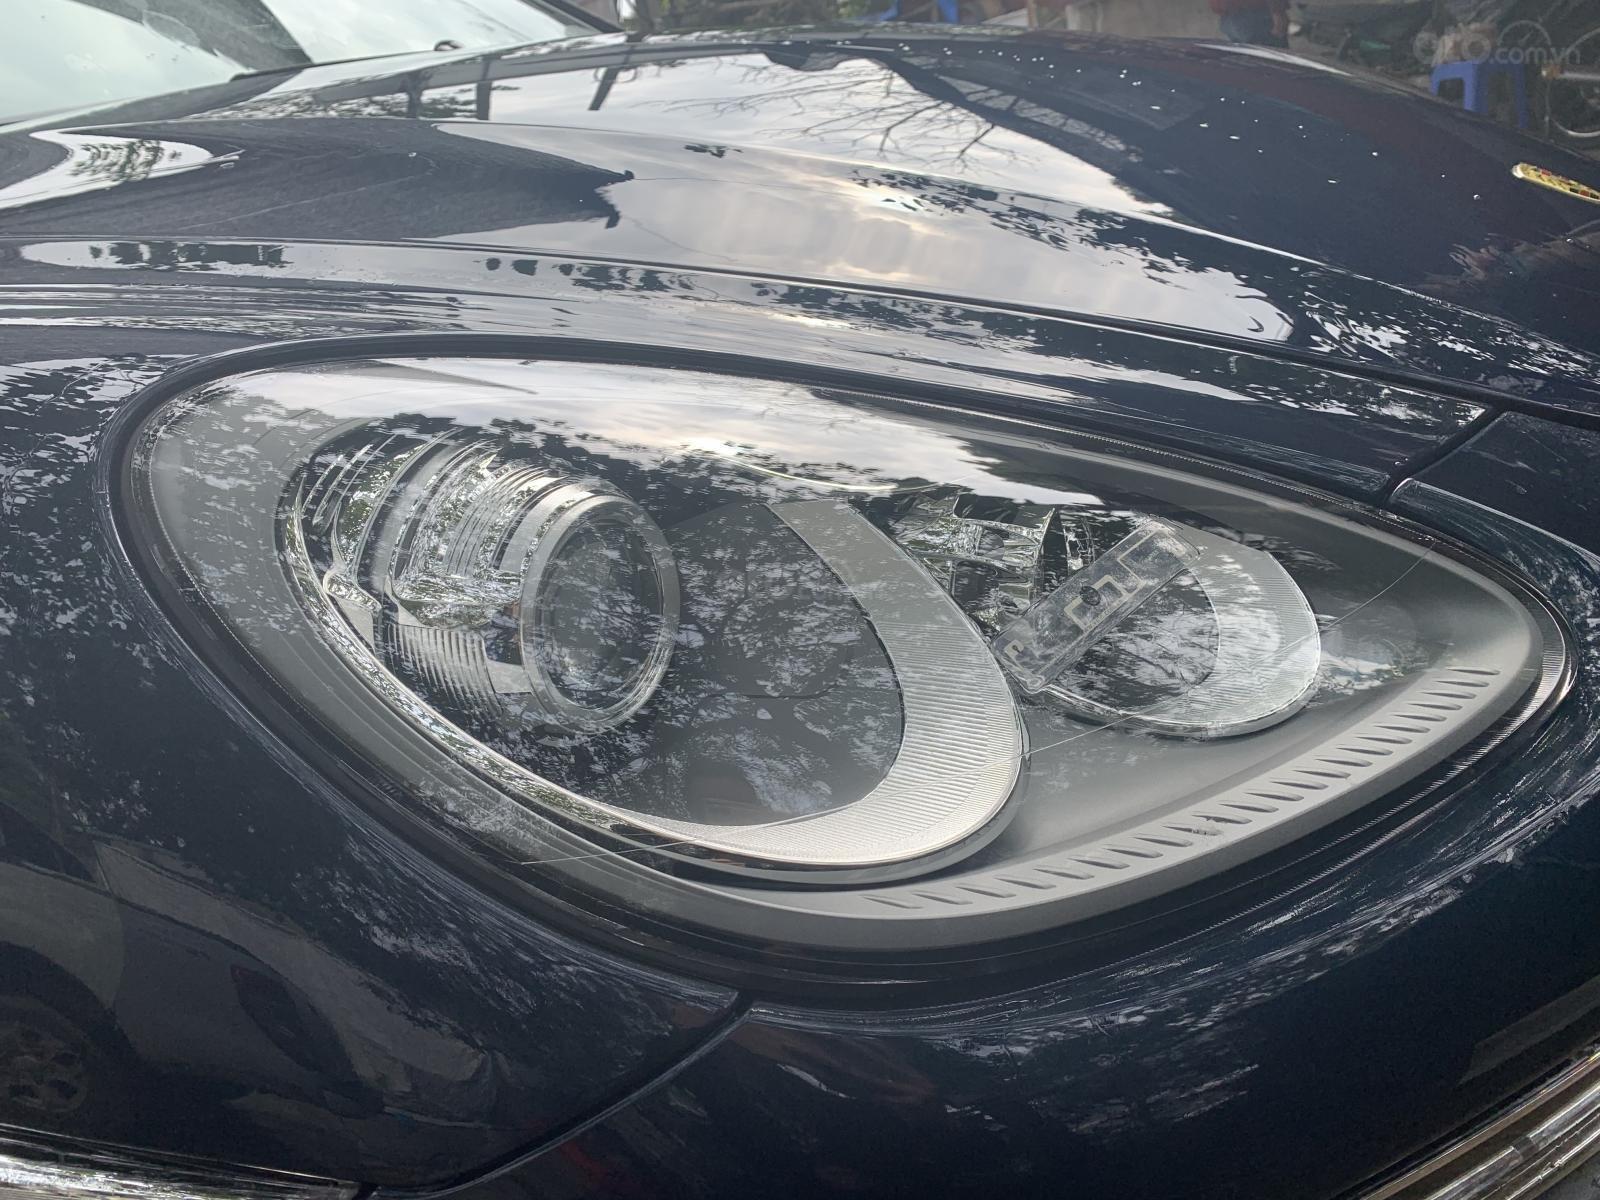 Cần bán gấp Porsche Cayenne S đời 2012, màu xanh lam, nhập khẩu nguyên chiếc số tự động-6